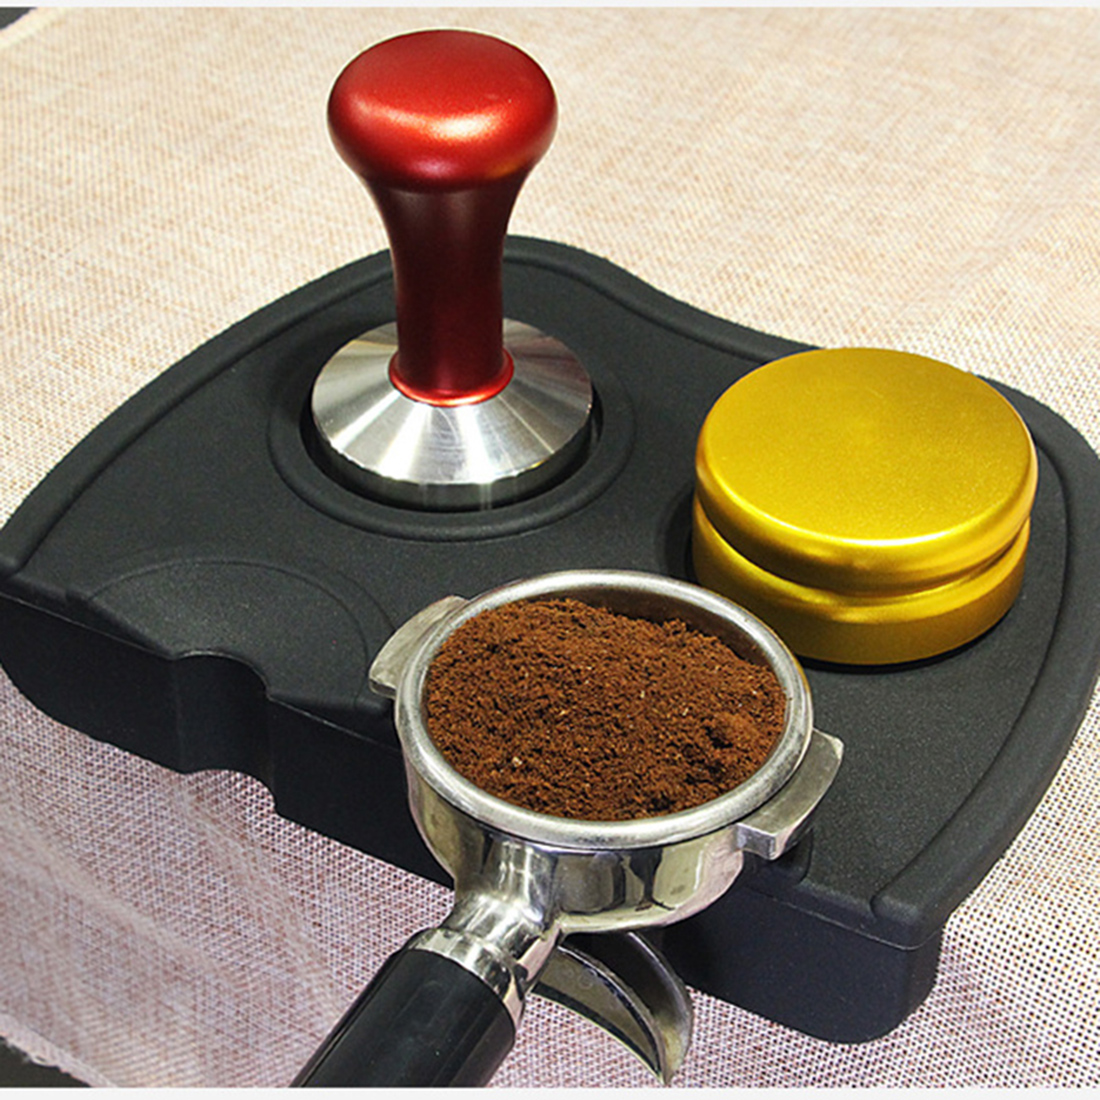 Barista Koffie Anti-Slip Mat Espresso Latte Art Pen Aanstampen Houder Pad Coffeeware Stampers Koffie Grind Zachte Siliconen Mat #6